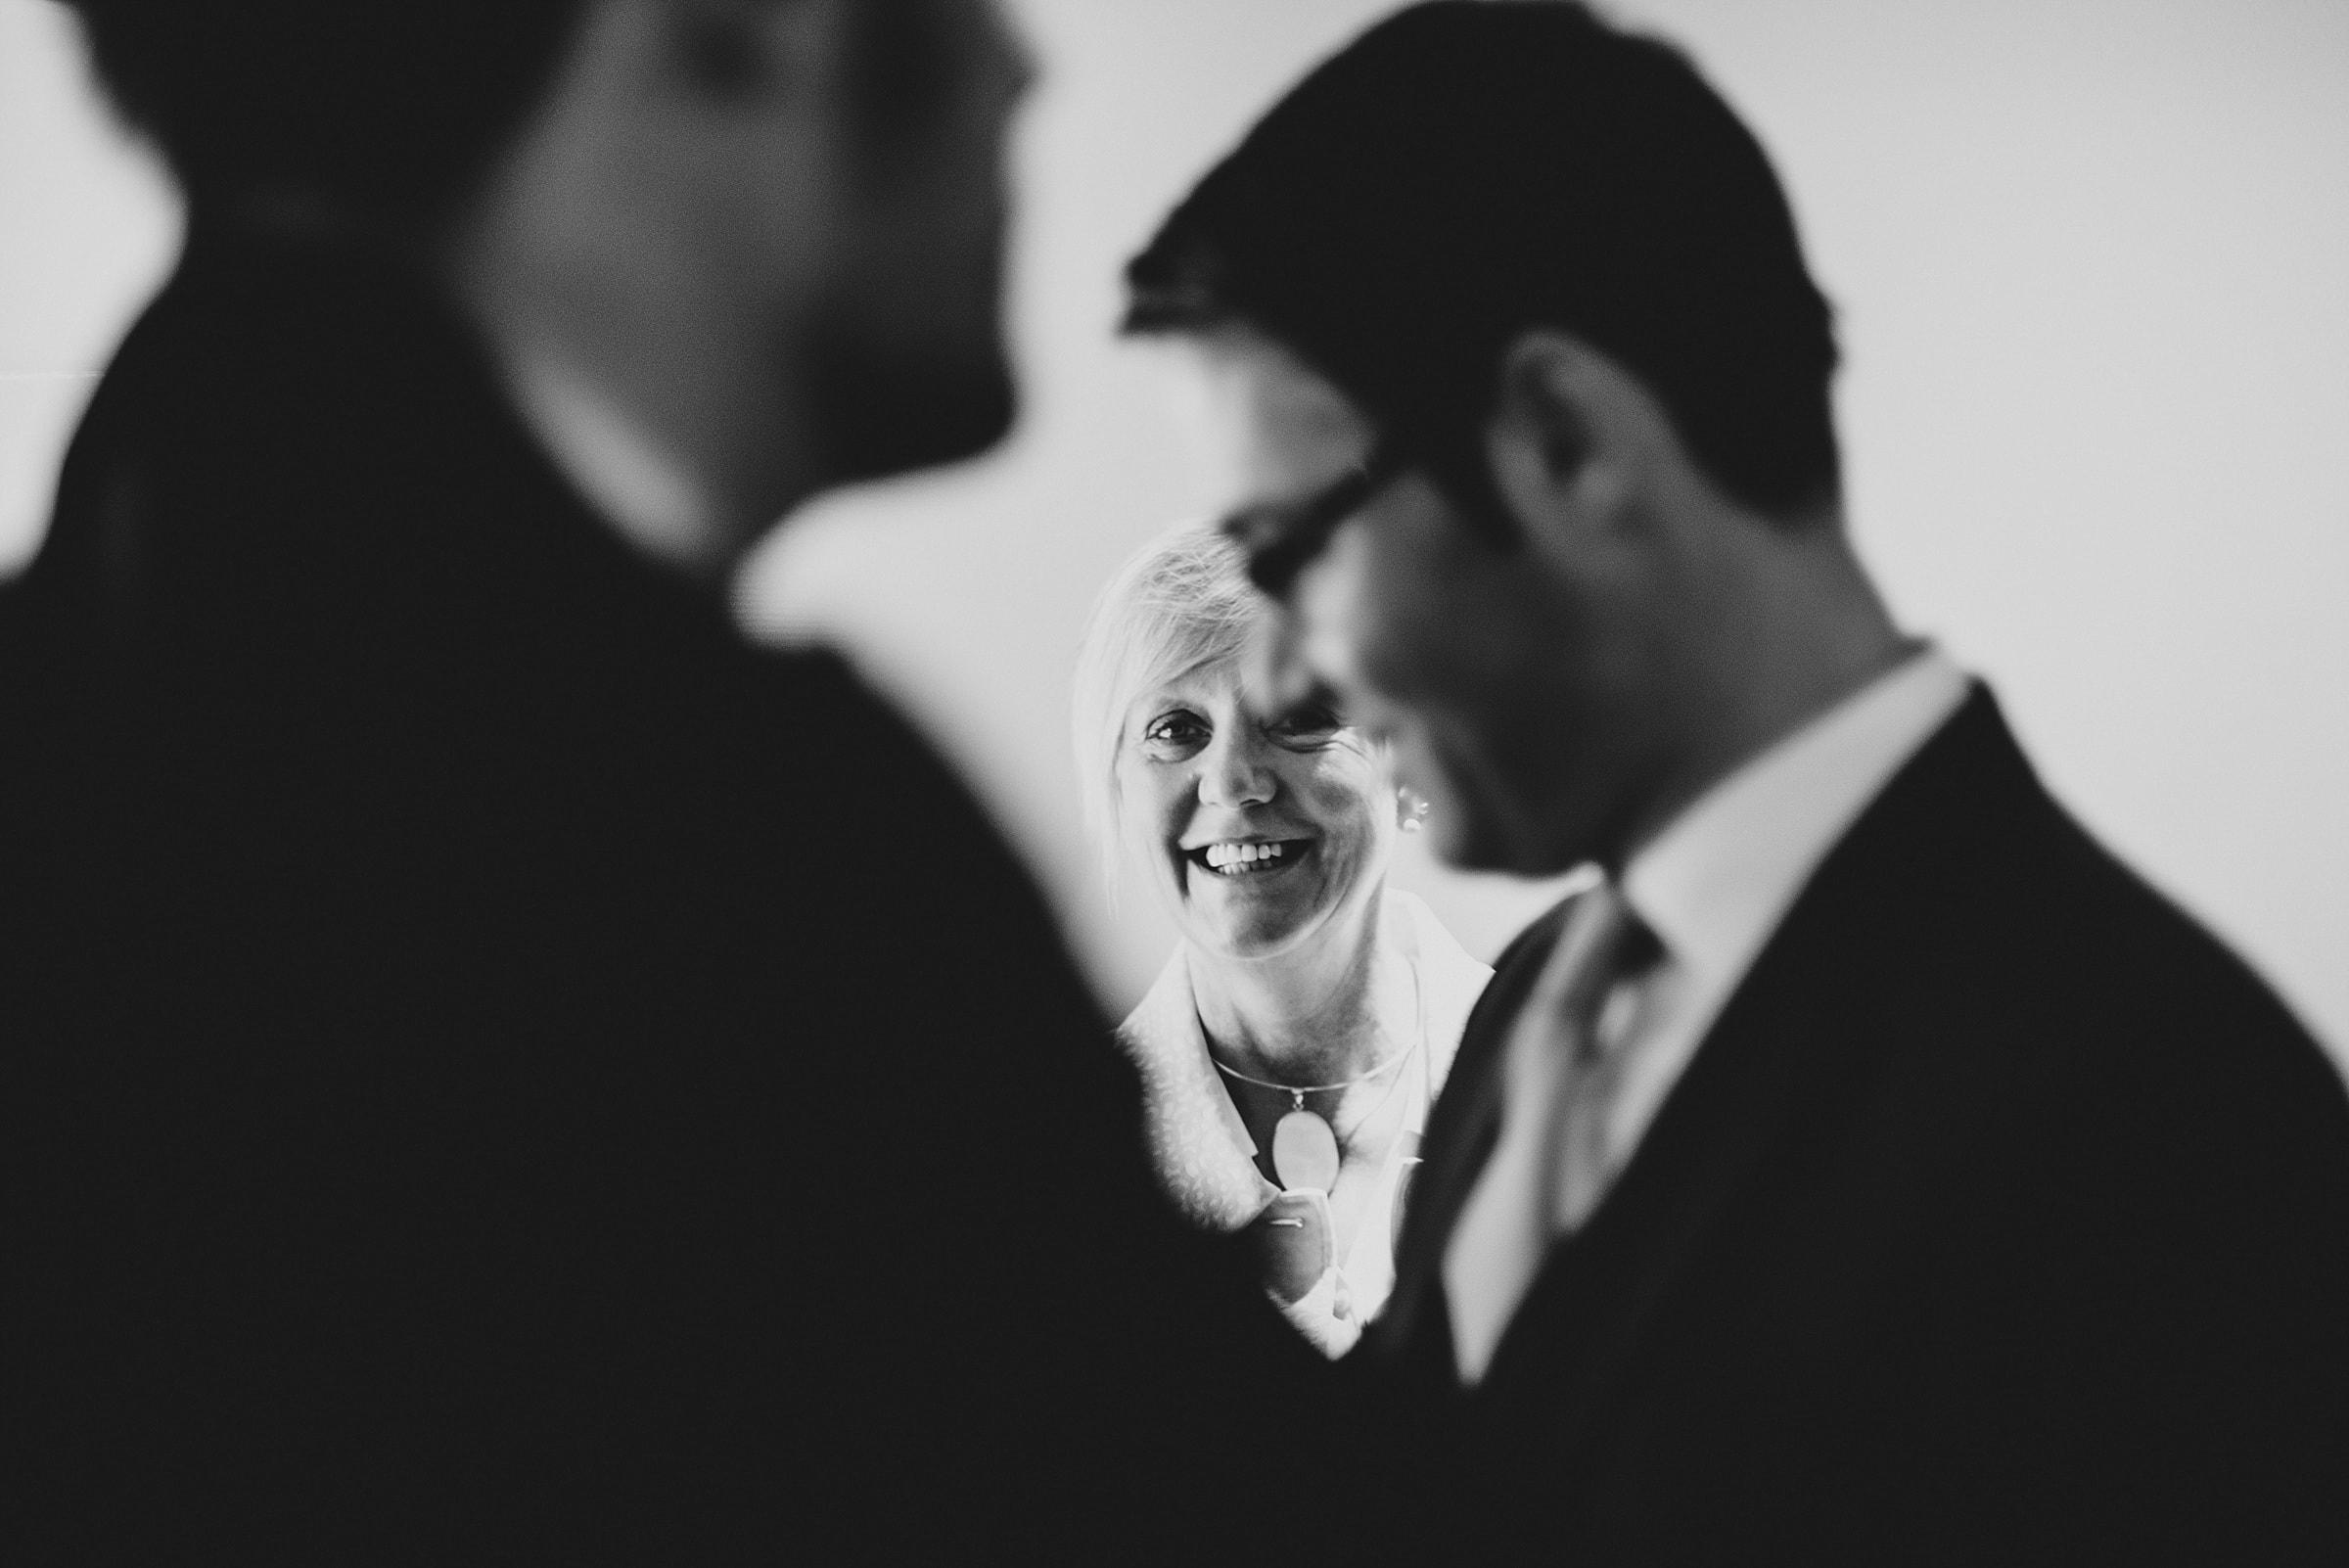 Hochzeitsfotografie Hamburg-Frau-Siemers-Gut Basthorst- Mutter der Bräutigams ist aufgeregt